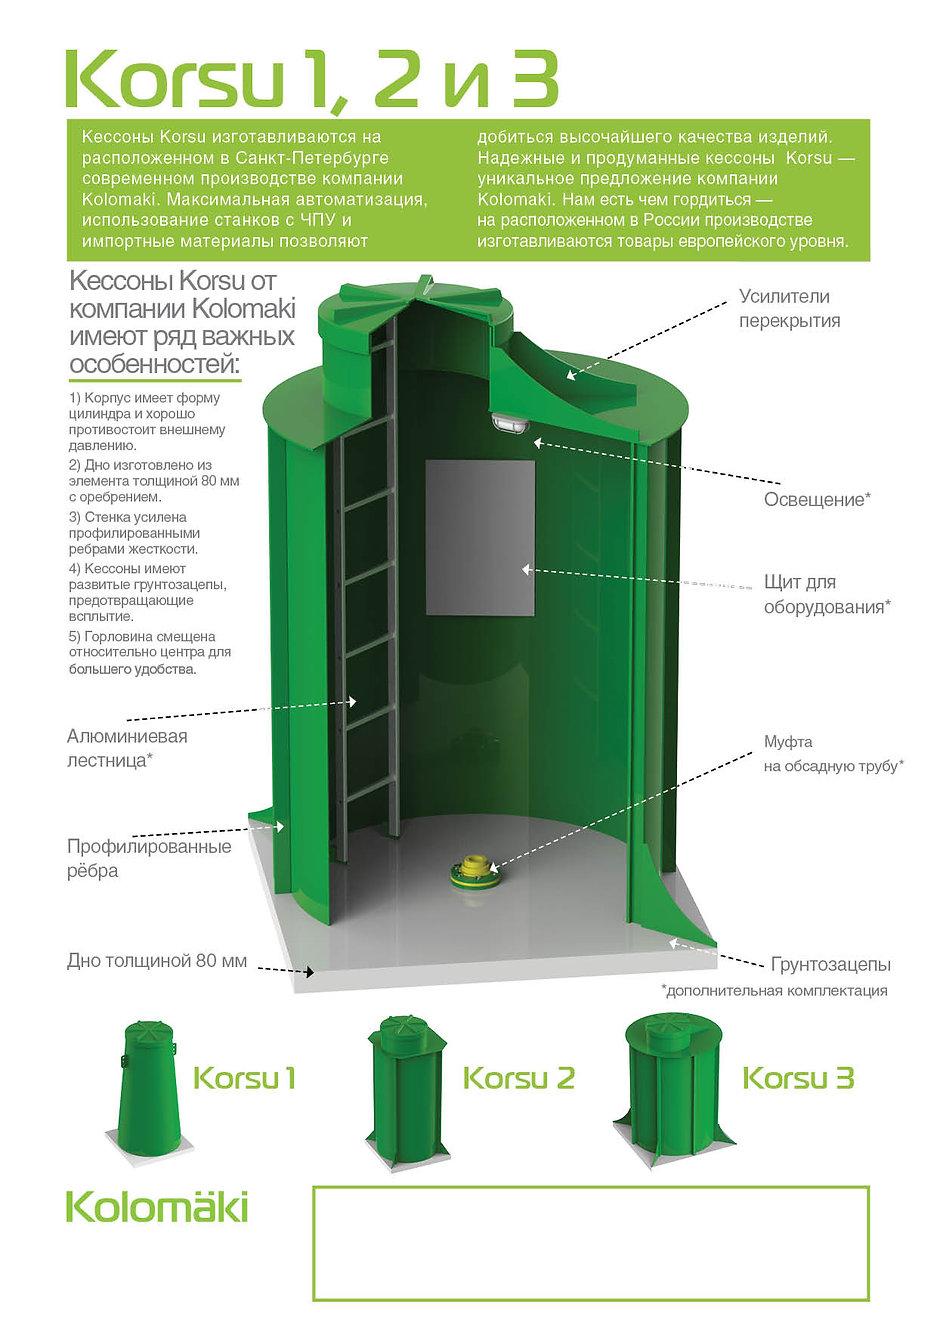 купить пластиковый кессон Корсу, Korsu 1 2 3 пластиковой кессон, в спб, для дачи, для сважины, для погреба, вода